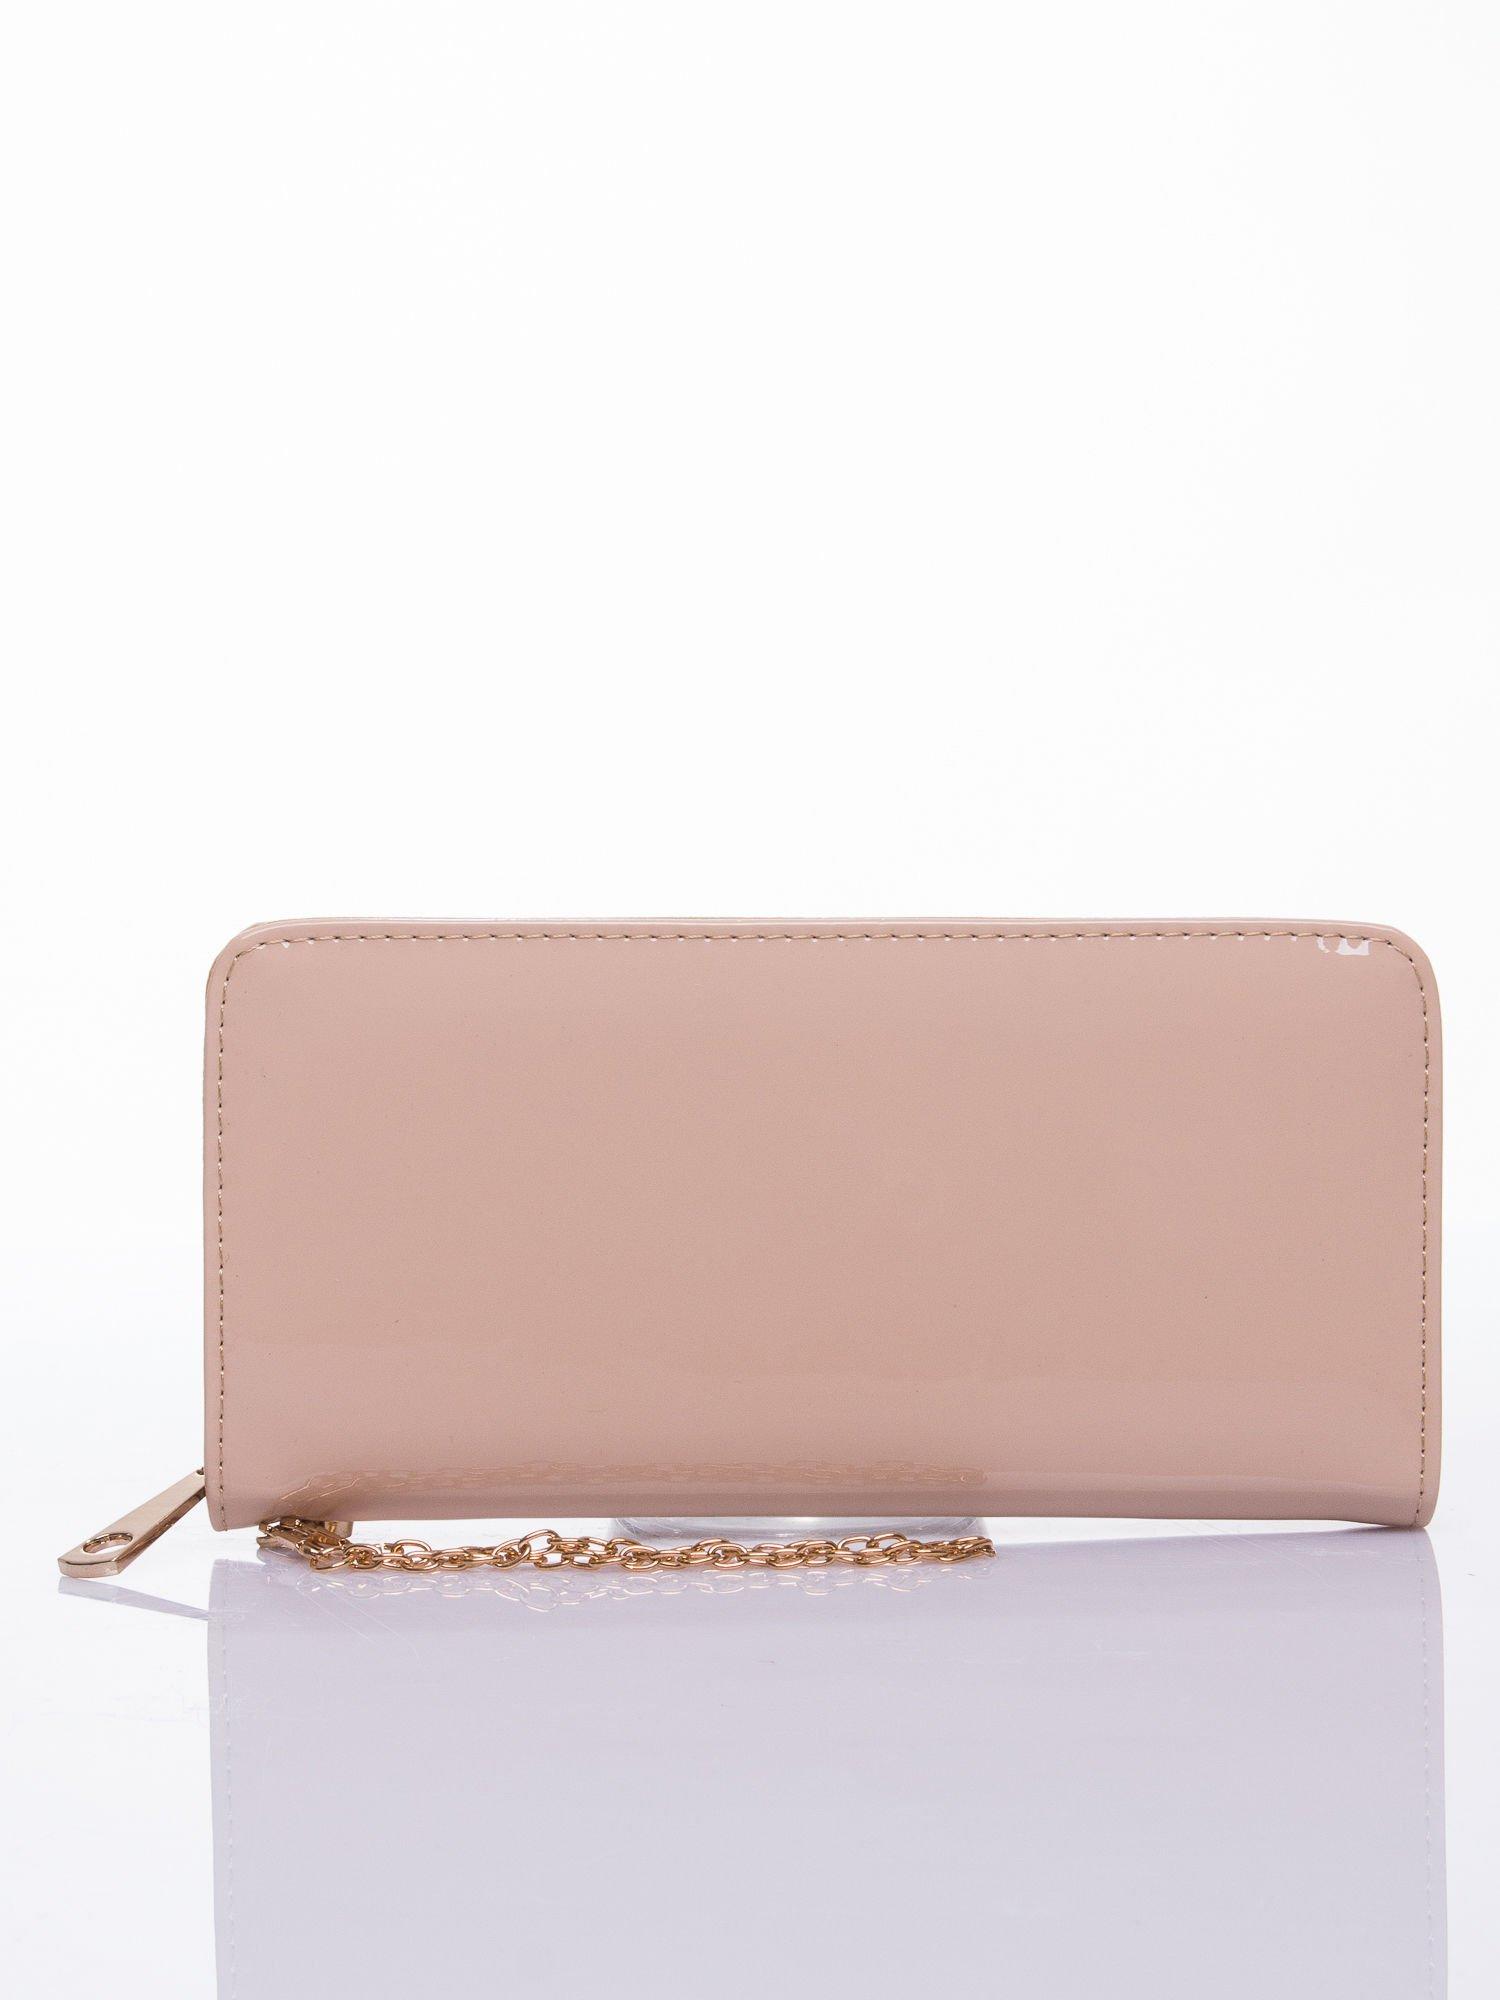 Kremowy lakierowany portfel z odpinanym złotym łańcuszkiem                                  zdj.                                  1